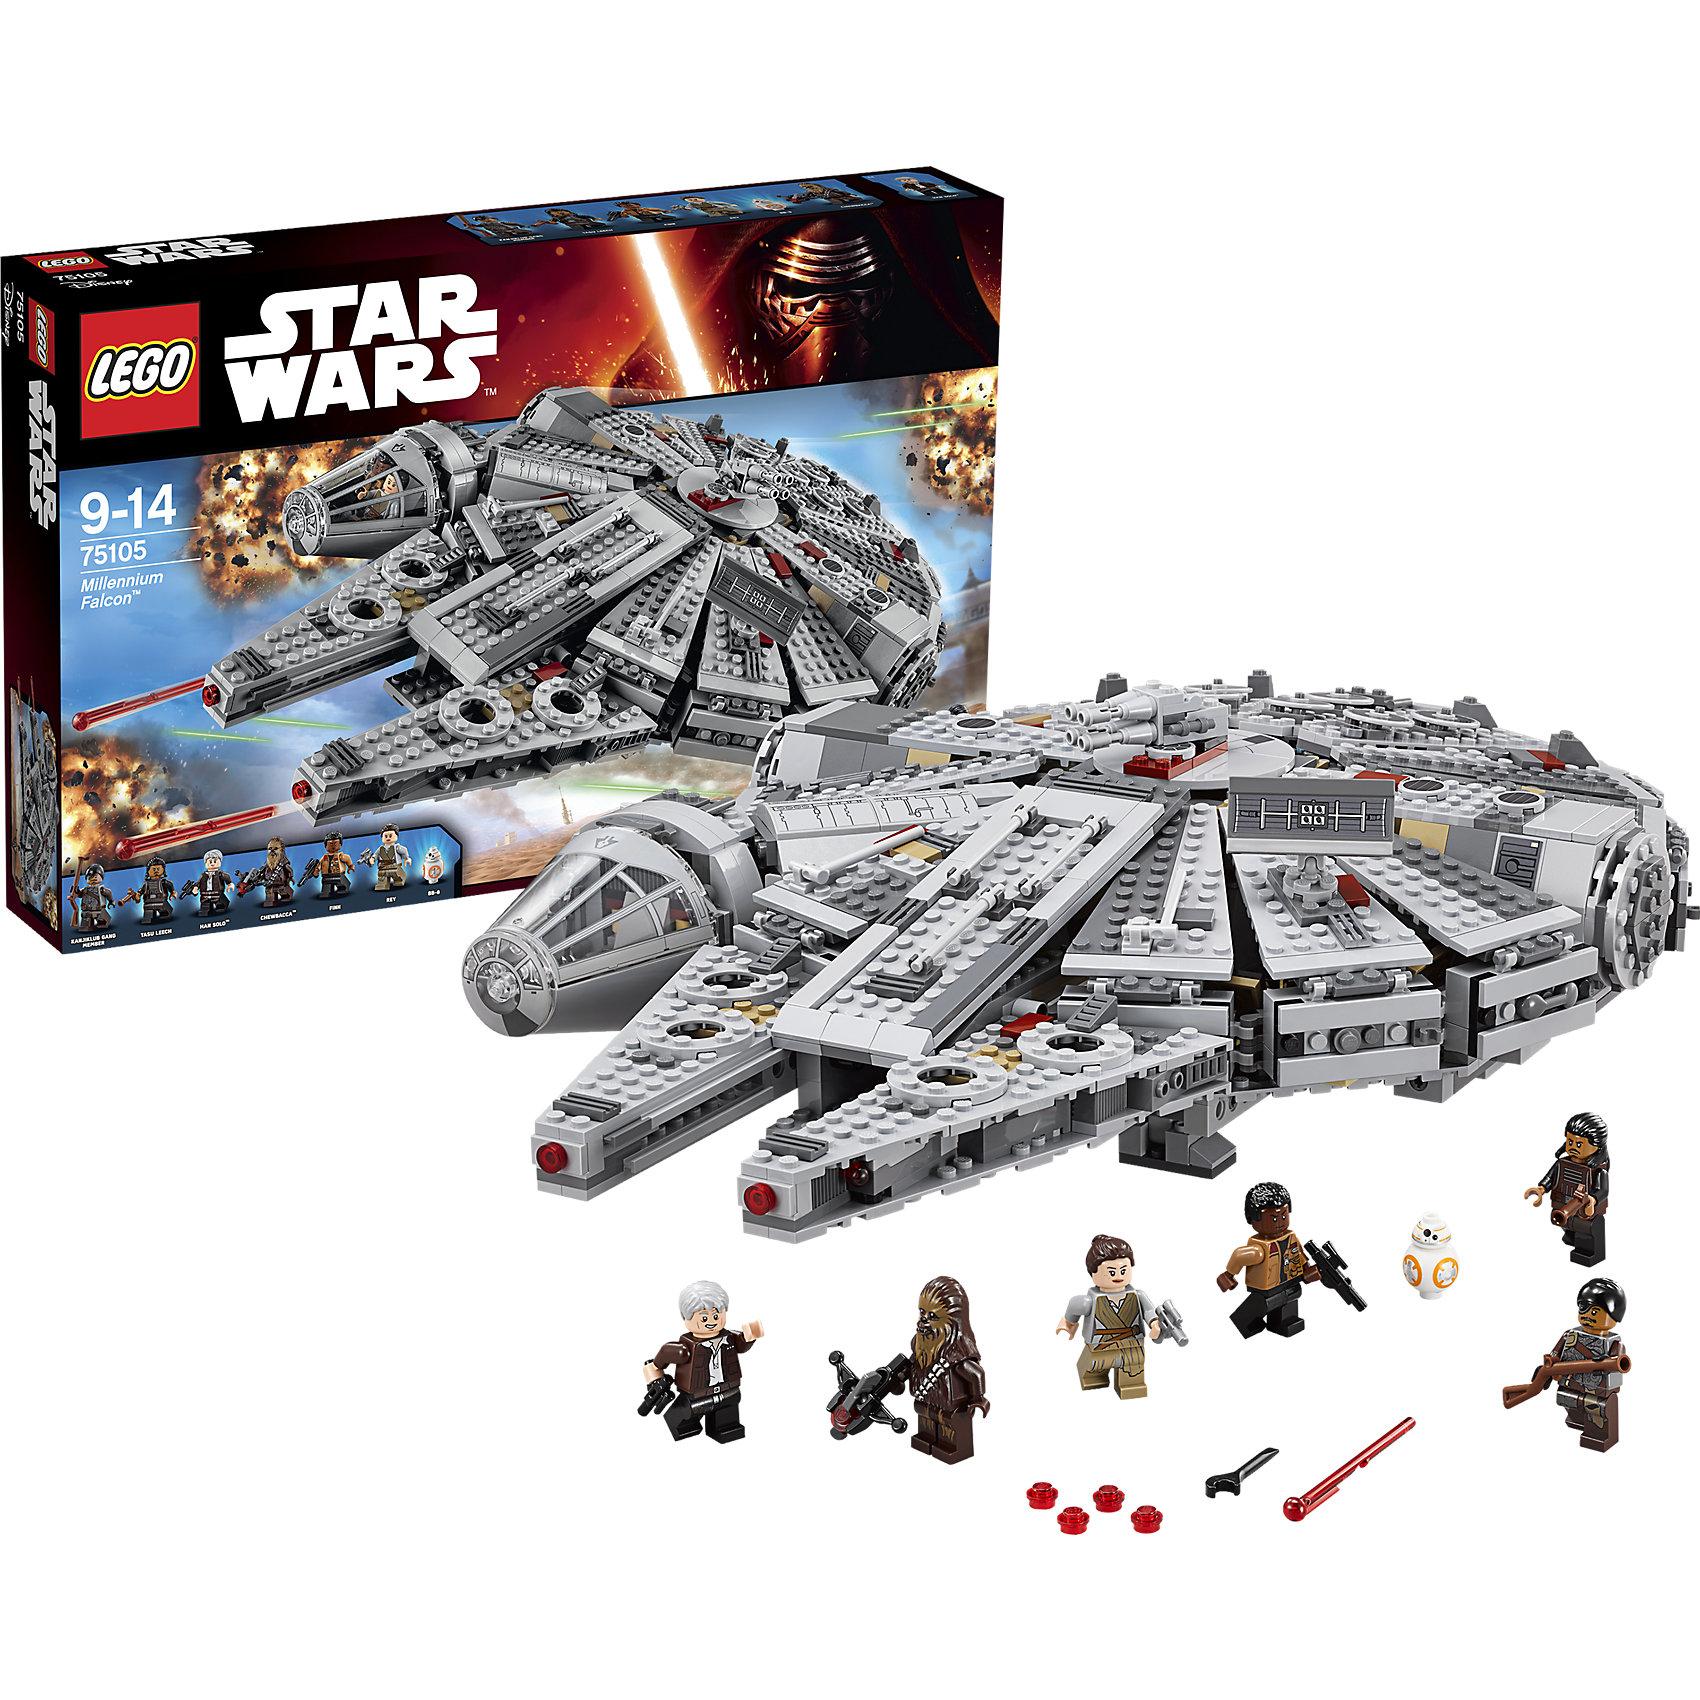 LEGO Star Wars 75105: Сокол ТысячелетияИгрушки<br>Один из самых известных звёздных кораблей саги Звёздные Войны возвращается, став ещё мощнее и смертоноснее! Последняя предлагаемая LEGO® версия корабля Сокол Тысячелетия, появляющегося в самых ярких сценах фильма Звёздные Войны: Пробуждение Силы, оснащена новыми и усовершенствованными внешними элементами, включающими ещё более обтекаемый дизайн с большим количеством деталей, отсоединяемую кабину, в которой можно разместить 2 минифигурки, вращающиеся верхнюю и нижнюю лазерные турели с люкам и отсеком для размещения минифигурки, сдвоенными пружинными пушками, спутниковой тарелкой, трапом и входным люком. Сними листы обшивки корпуса, чтобы увидеть ещё больше крутых новых и усовершенствованных внутренних деталей, включая кают-компанию с доской для игры в голографические шахматы, тщательно воссозданный гипердвигатель, тайный отсек, дополнительные боксы и кабели, а также хранилище боеприпасов для пружинных пушек. <br>И, конечно же, модель Сокол Тысячелетия от LEGO не будет законченной без Хана Соло и Чубакки, а также других любимых персонажей фильма Звёздные Войны: Пробуждение Силы. Запускай гипердвигатель, чтобы поучаствовать в захватывающем приключении с LEGO Star Wars! <br><br>В процессе игры с конструктором дети приобретают и постигают такие необходимые навыки как познание, творчество, воображение. Большое количество дополнительных элементов делает игровые сюжеты по-настоящему захватывающими и реалистичными. Все наборы ЛЕГО Звездные Войны соответствуют самым высоким европейским стандартам качества и абсолютно безопасны.<br><br>Дополнительная информация:<br><br>- Игра с конструктором  LEGO (ЛЕГО) развивает мелкую моторику ребенка, фантазию и воображение, учит его усидчивости и внимательности;<br>- Размер: 14 x 47 x 32 см<br>- Количество деталей: 1329 шт;<br>- В набор входят 6 минифигурок с различным оружием: Рей, Финн, Хан Соло, Чубакка, Тасу Лич, головорез из шайки Канджиклаб, дроид-астромеханик BB-8.<br>- Серия: LEGO 